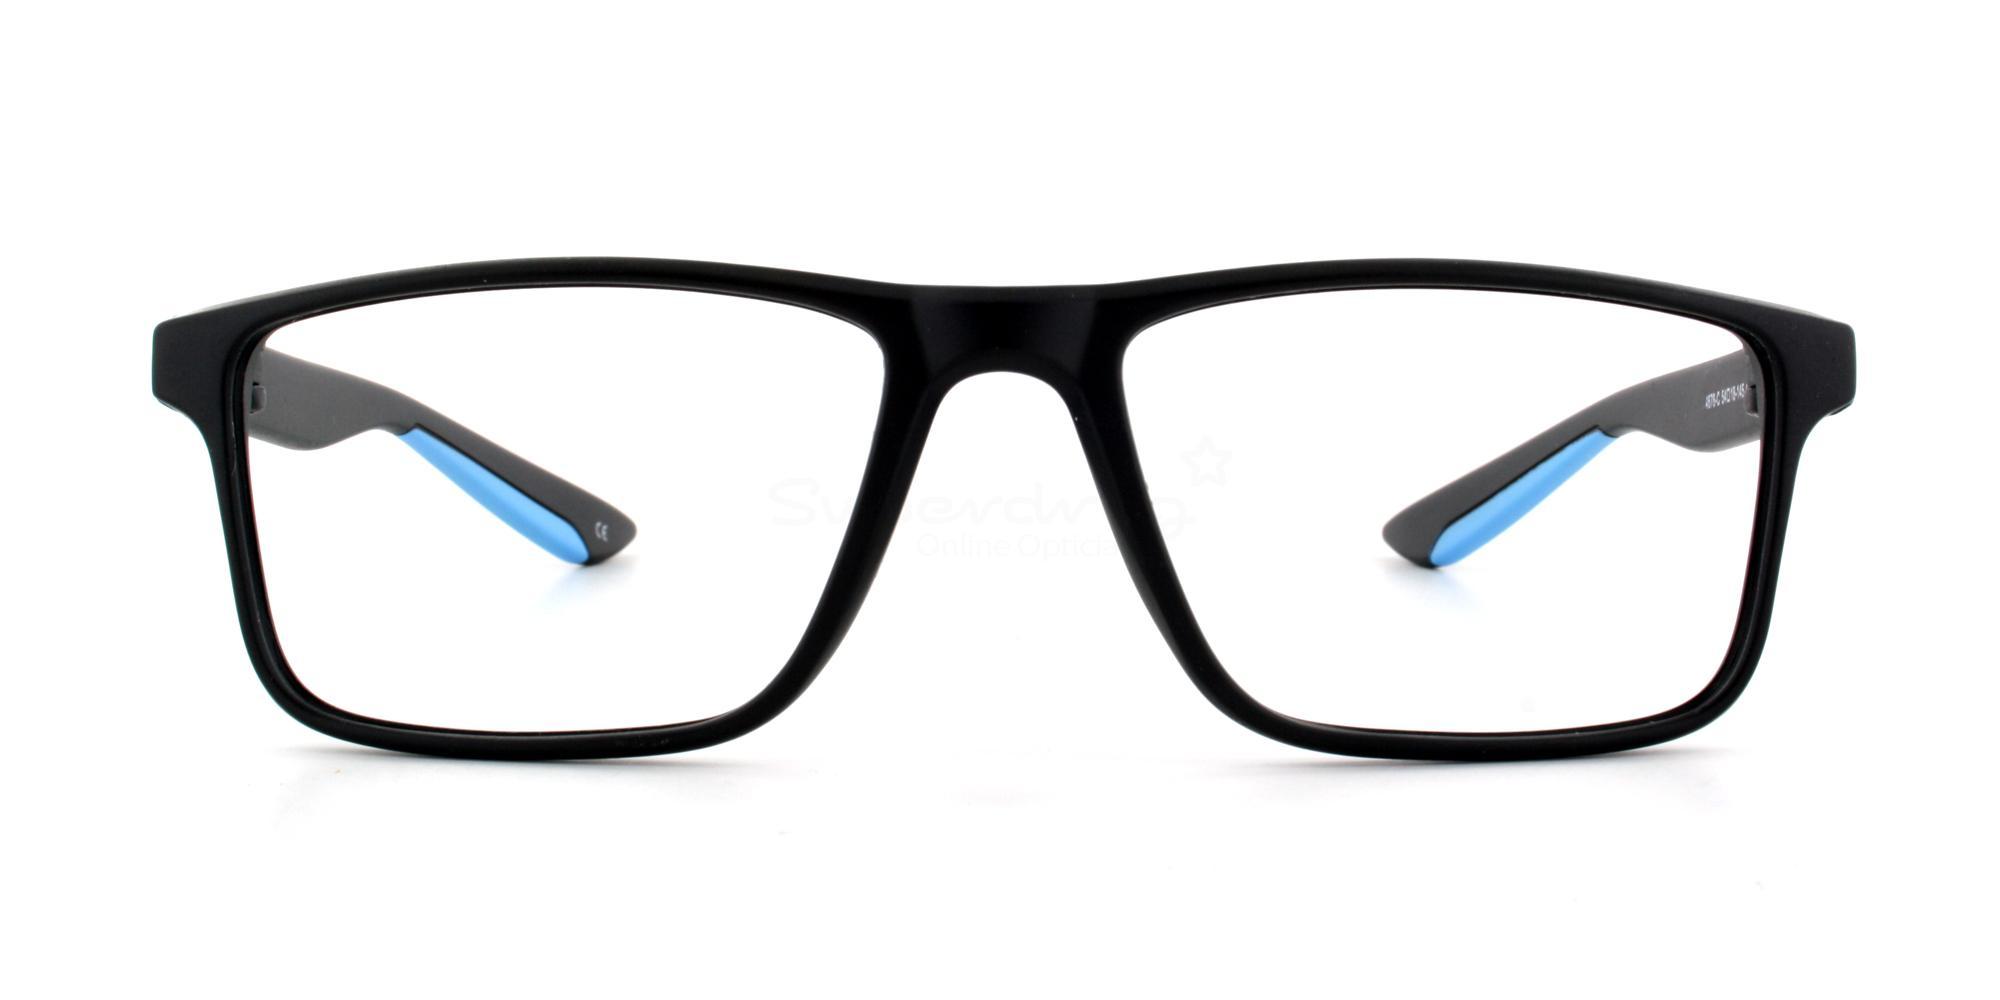 C1 4678-C Glasses, Aero